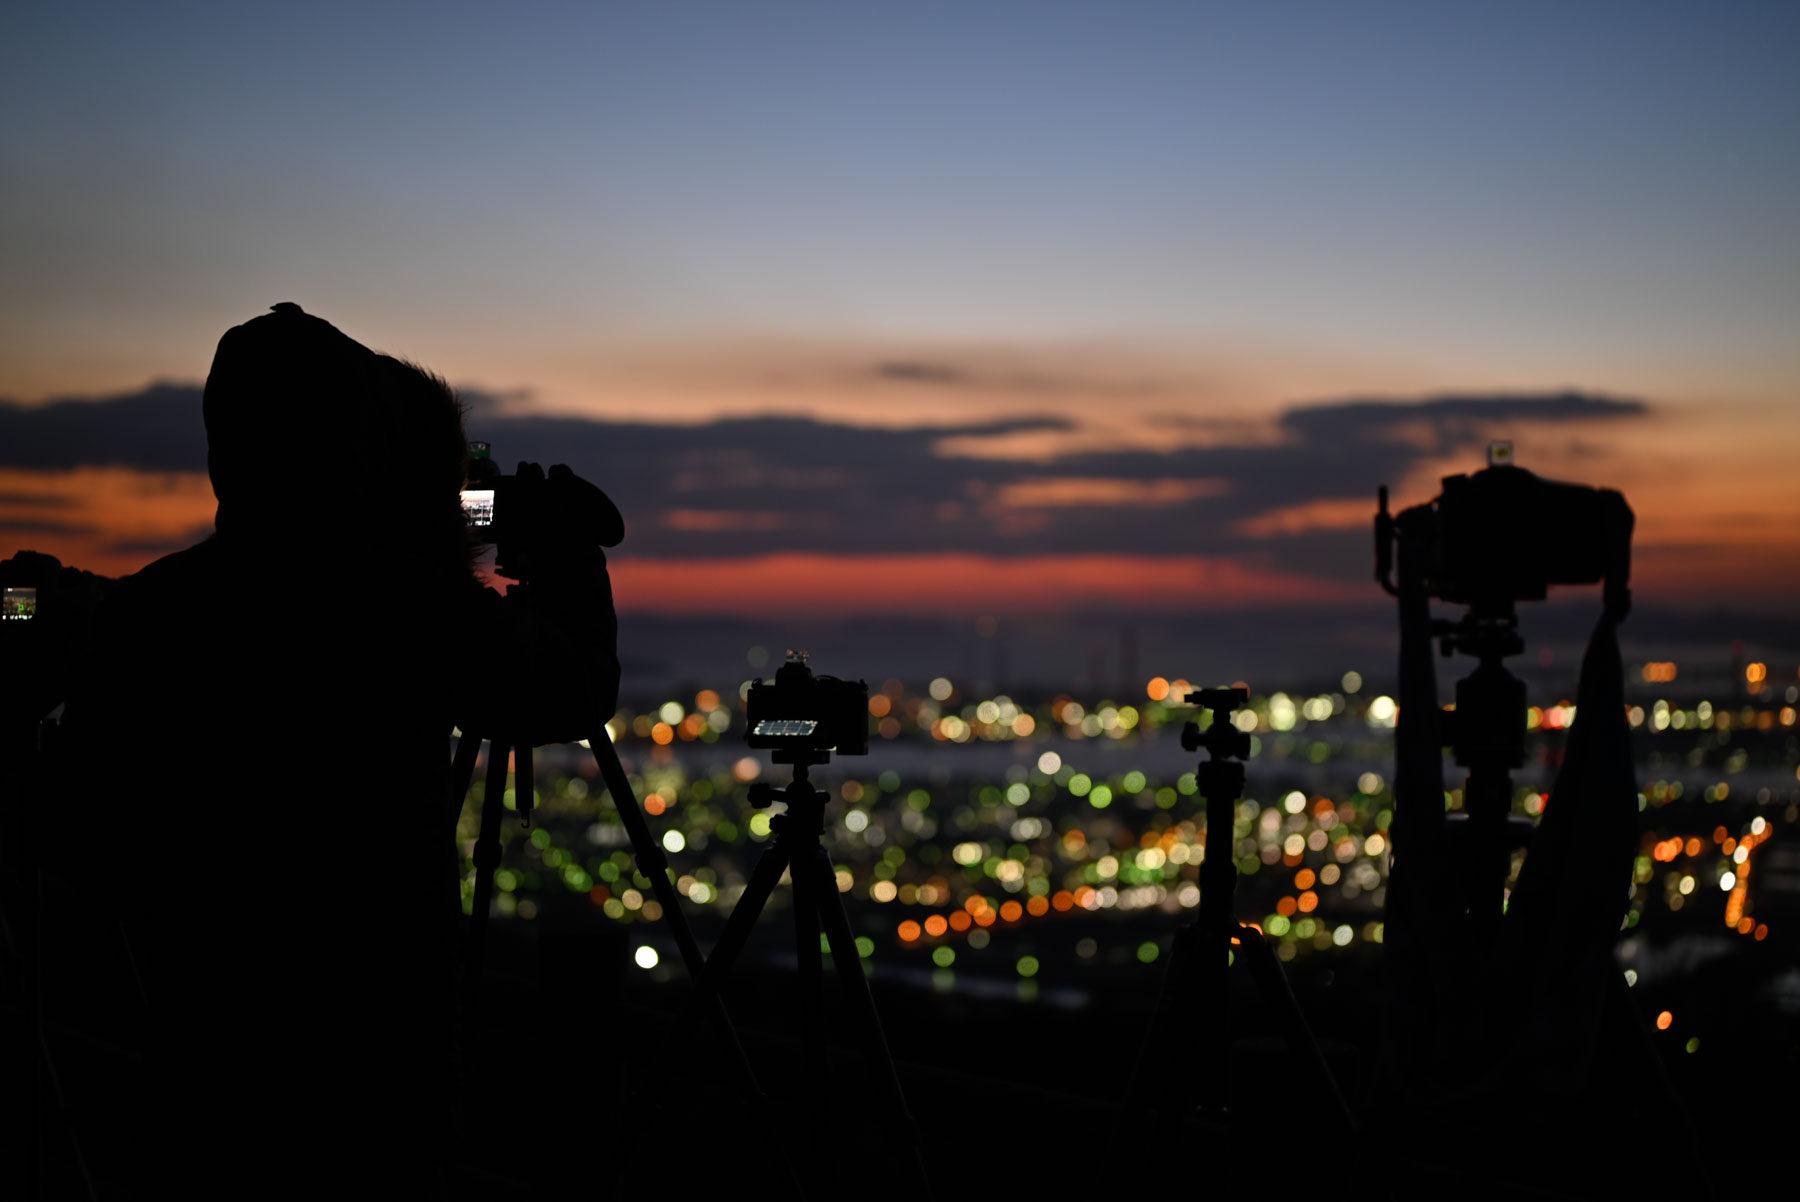 水島コンビナート 夜景